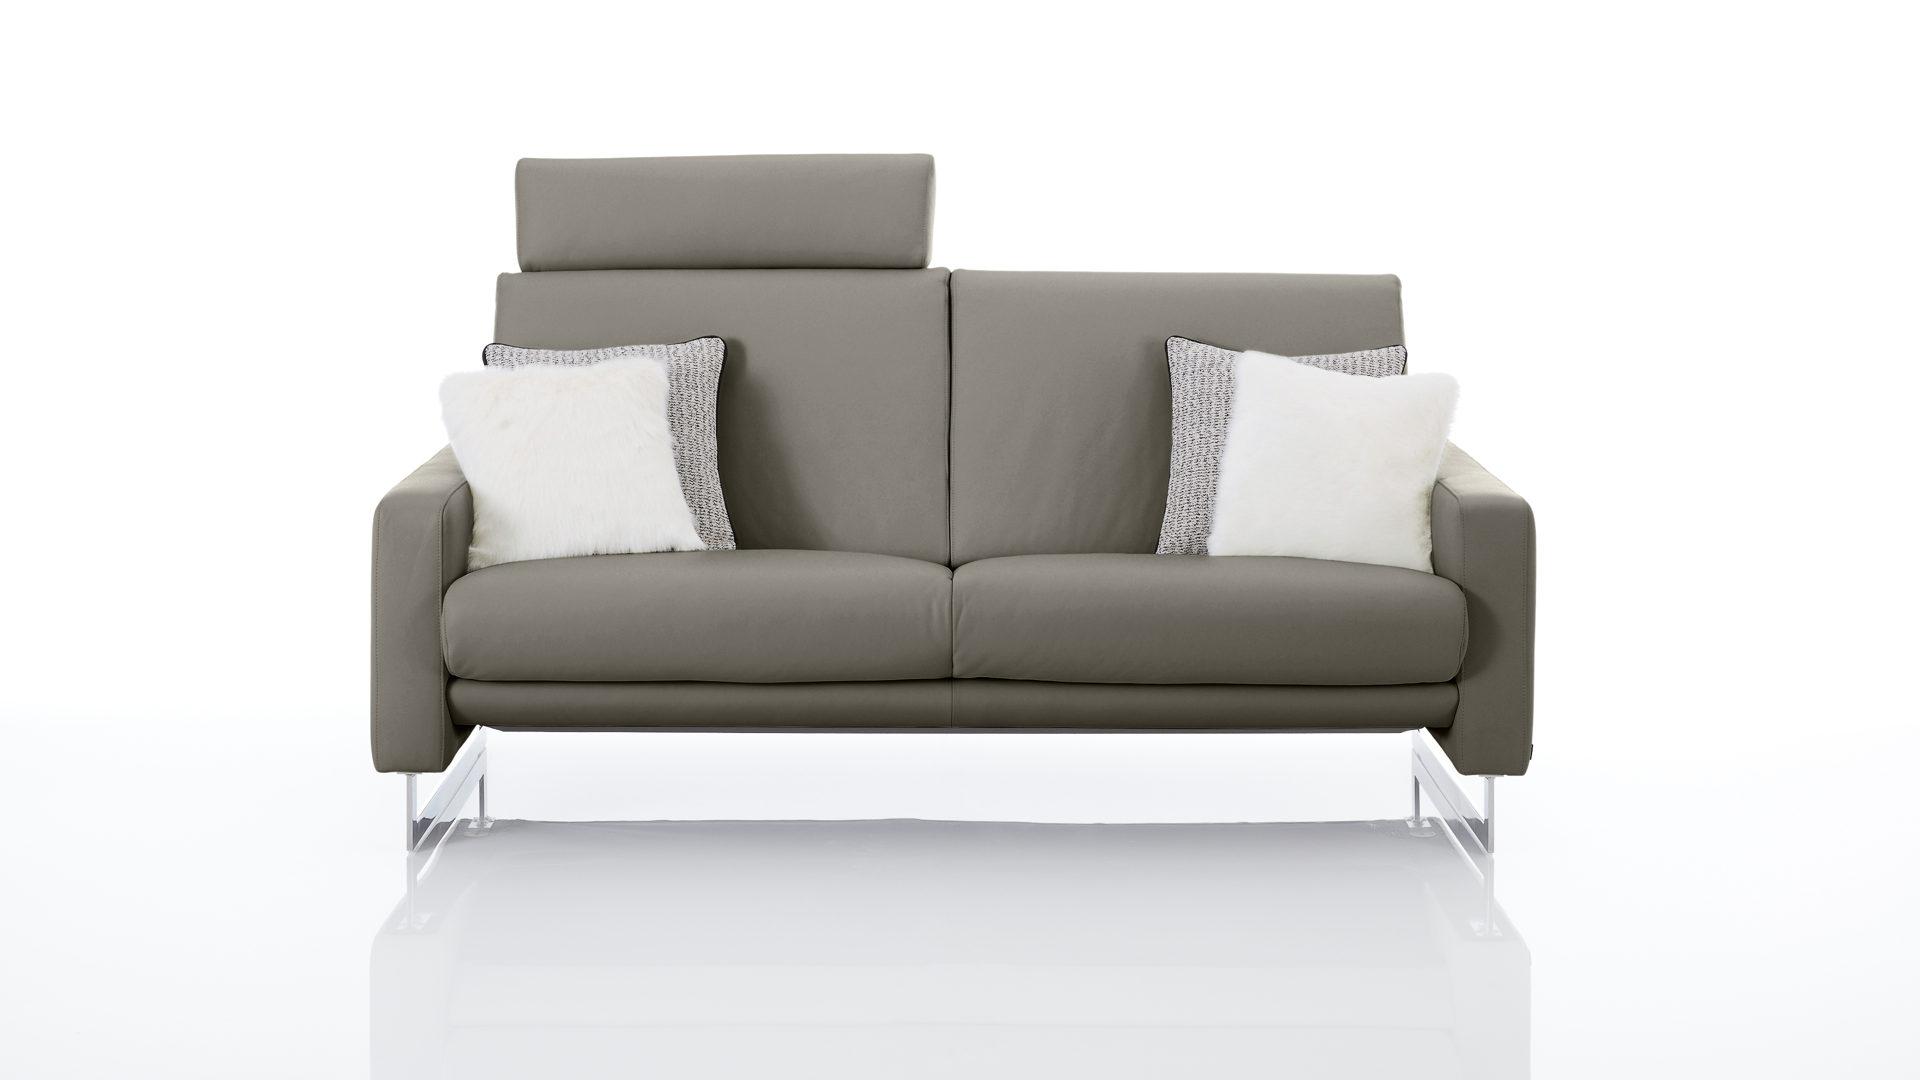 Interliving Sofa Serie 4001 Zweisitzer Mit Federkern